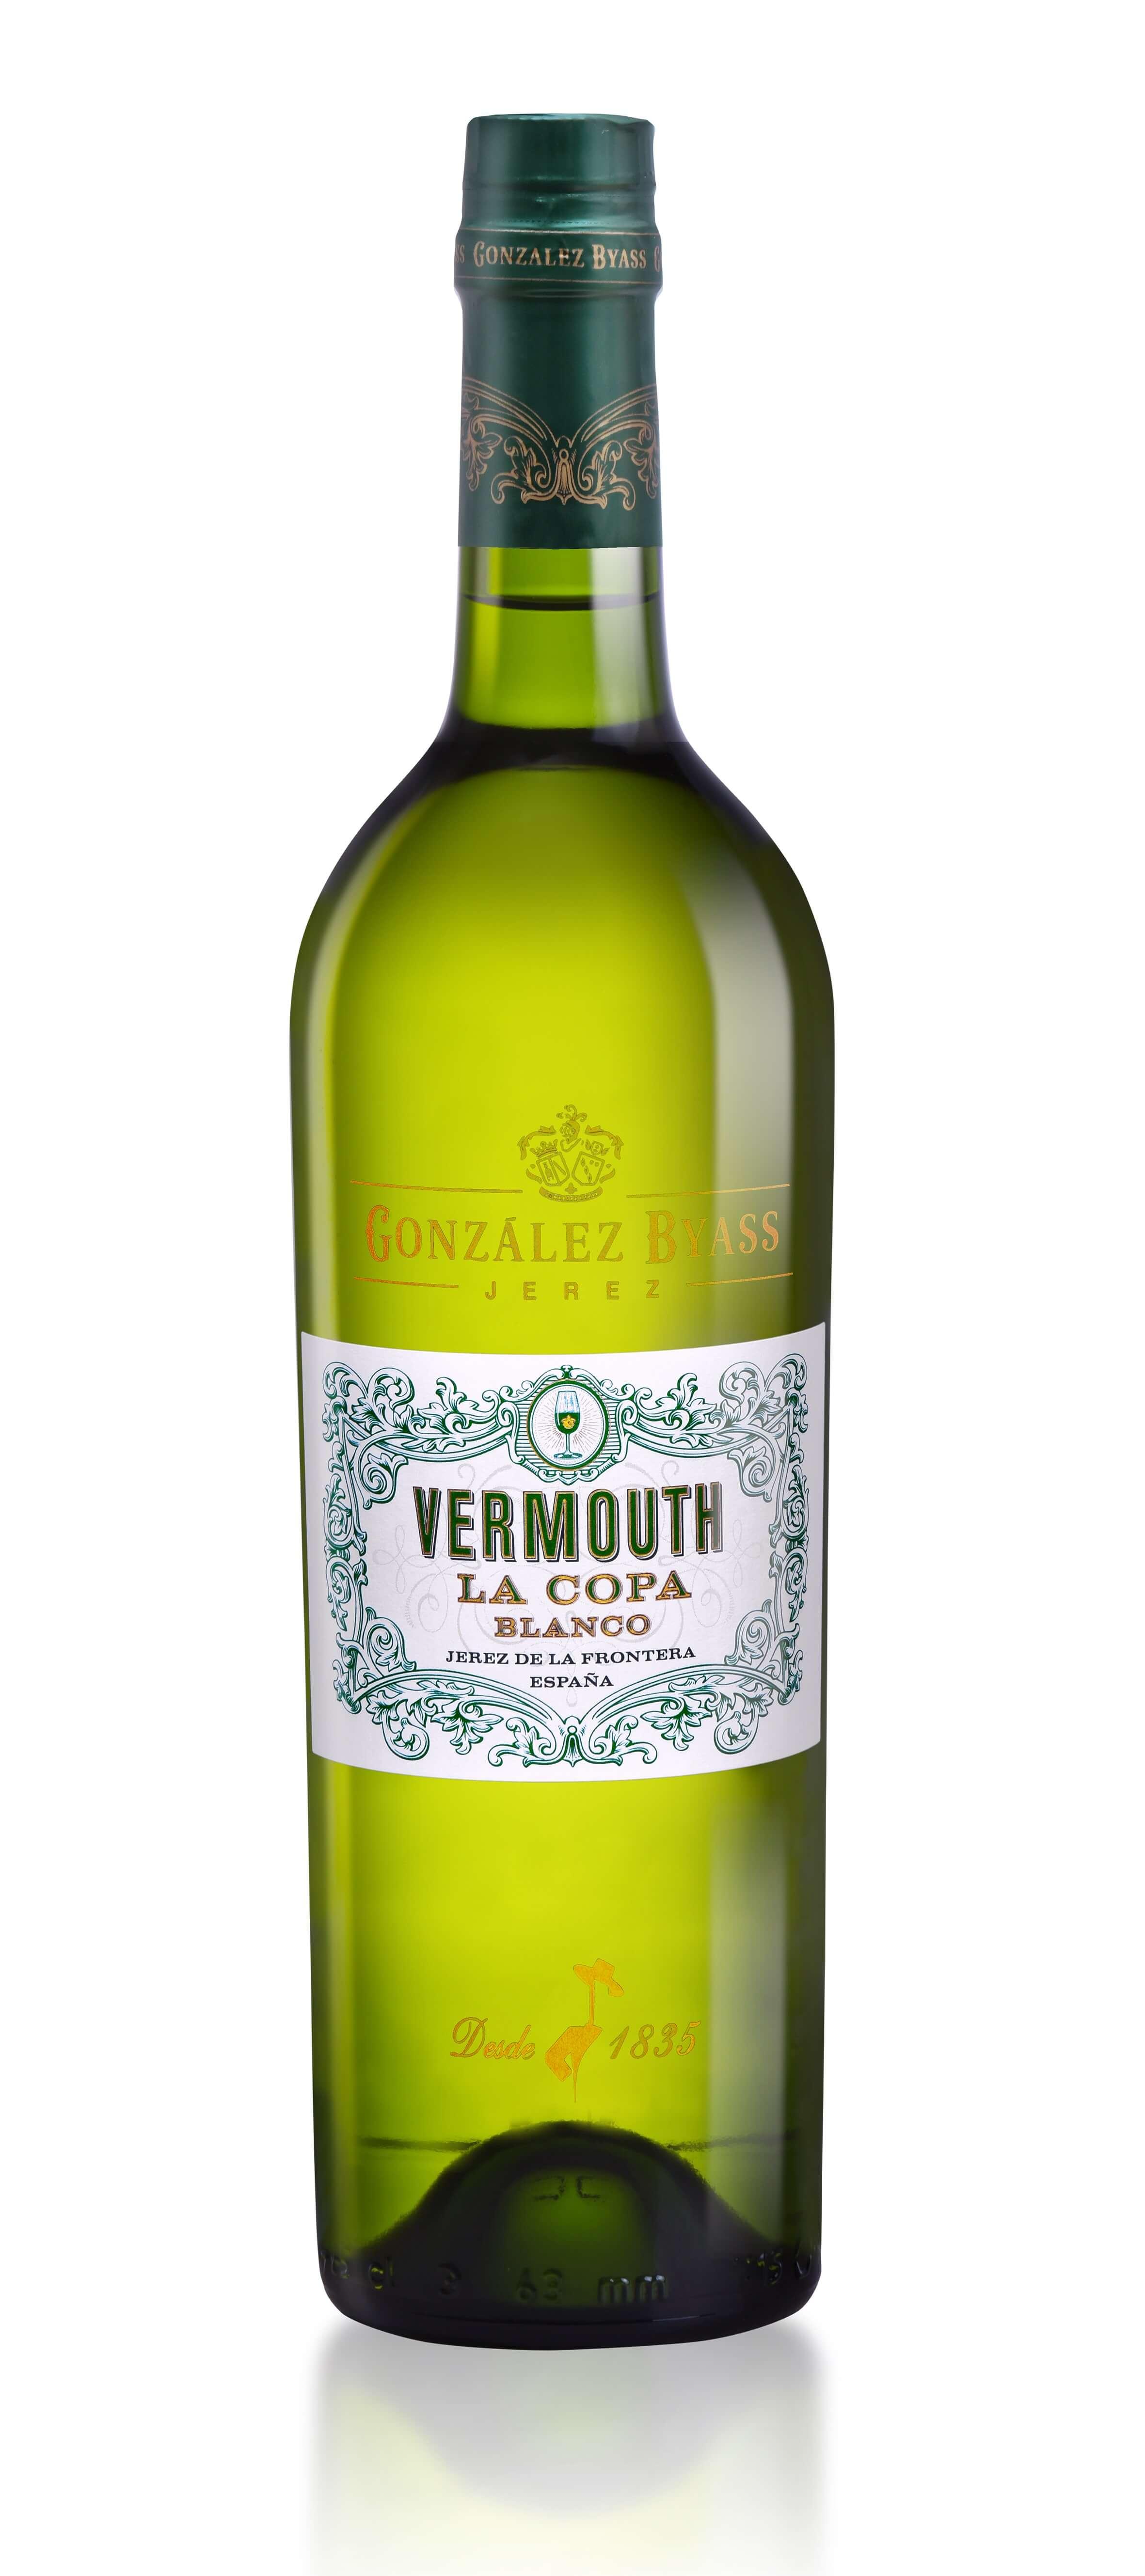 La Copa Vermouth blanco, biele, ESP